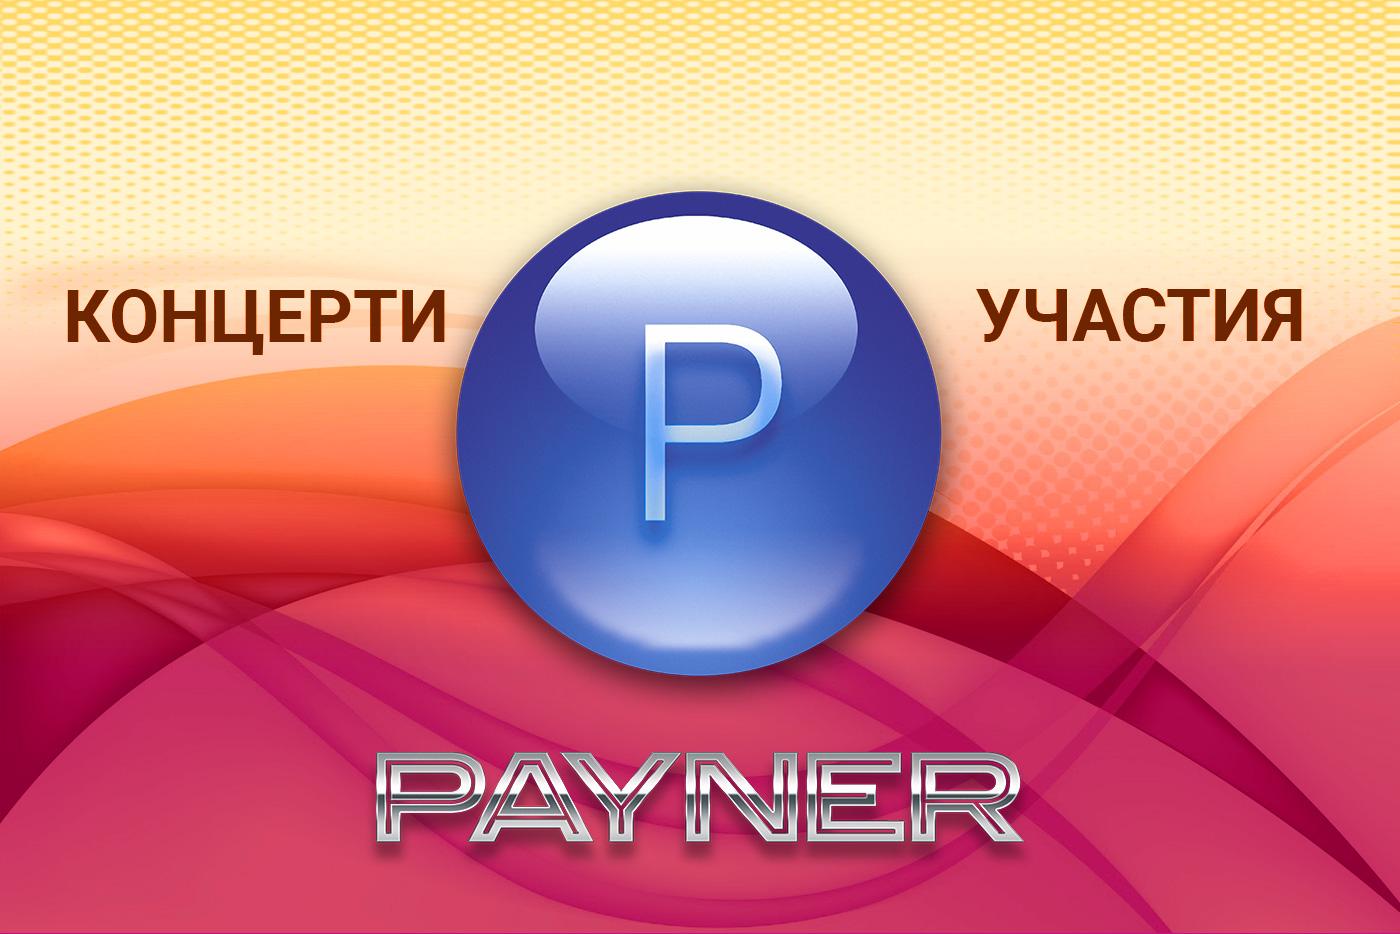 """Участия на звездите на """"Пайнер"""" на 08.02.2020"""